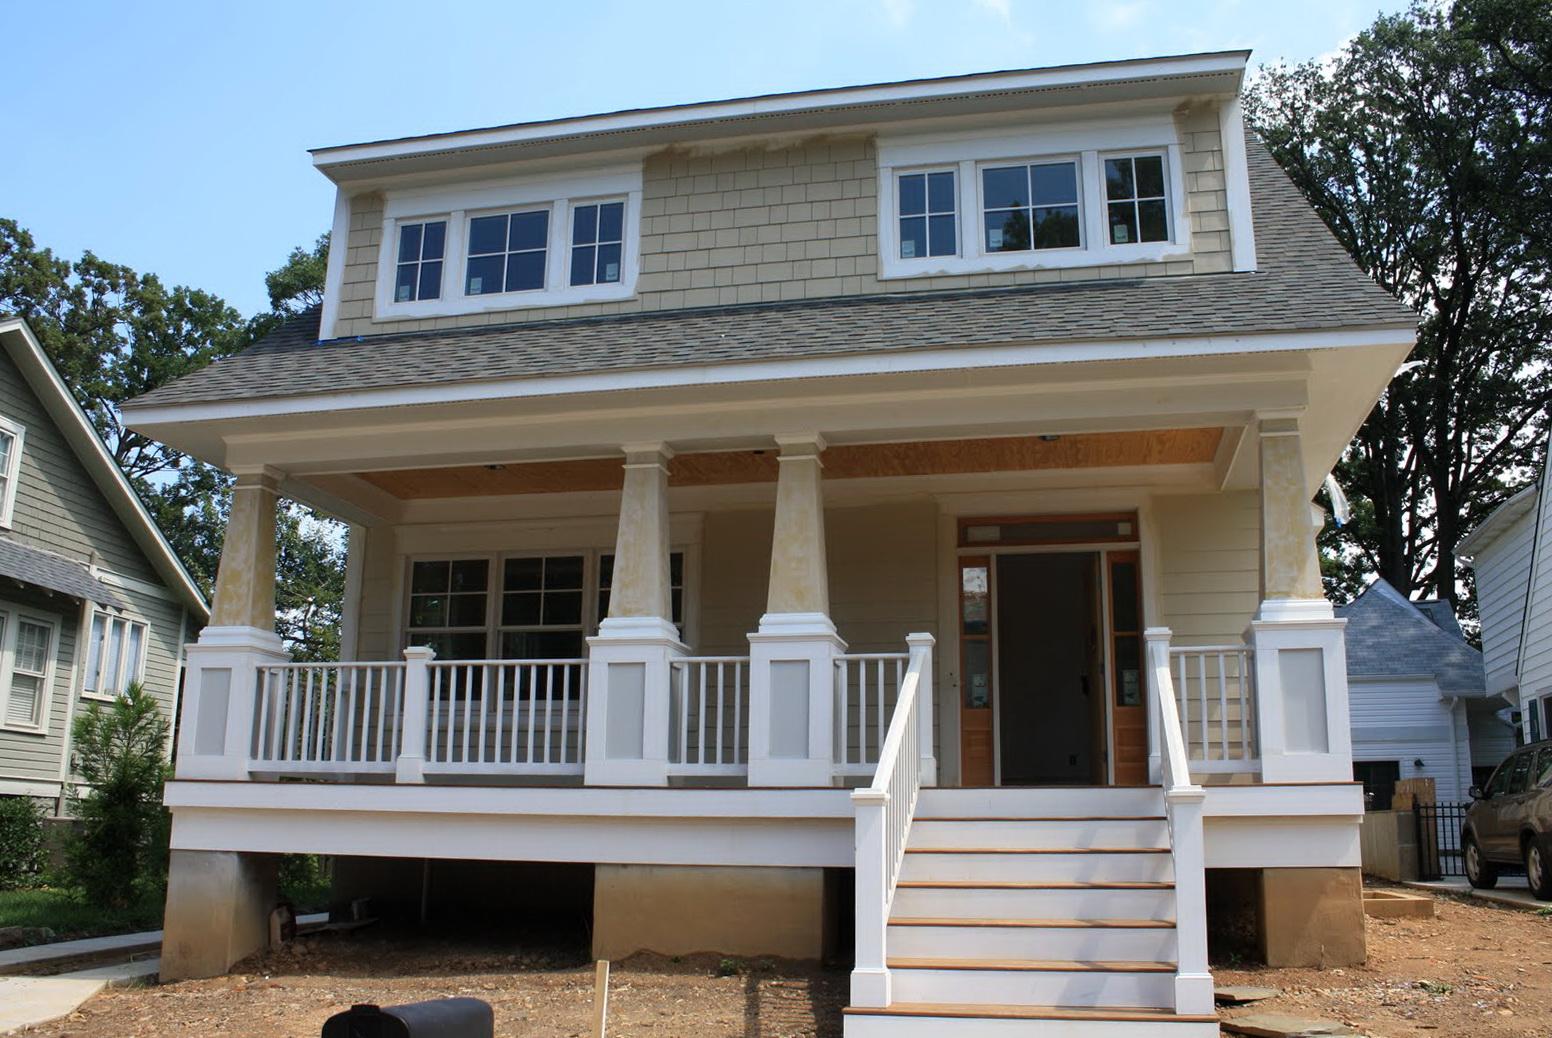 Square Porch Columns Home Depot Home Design Ideas